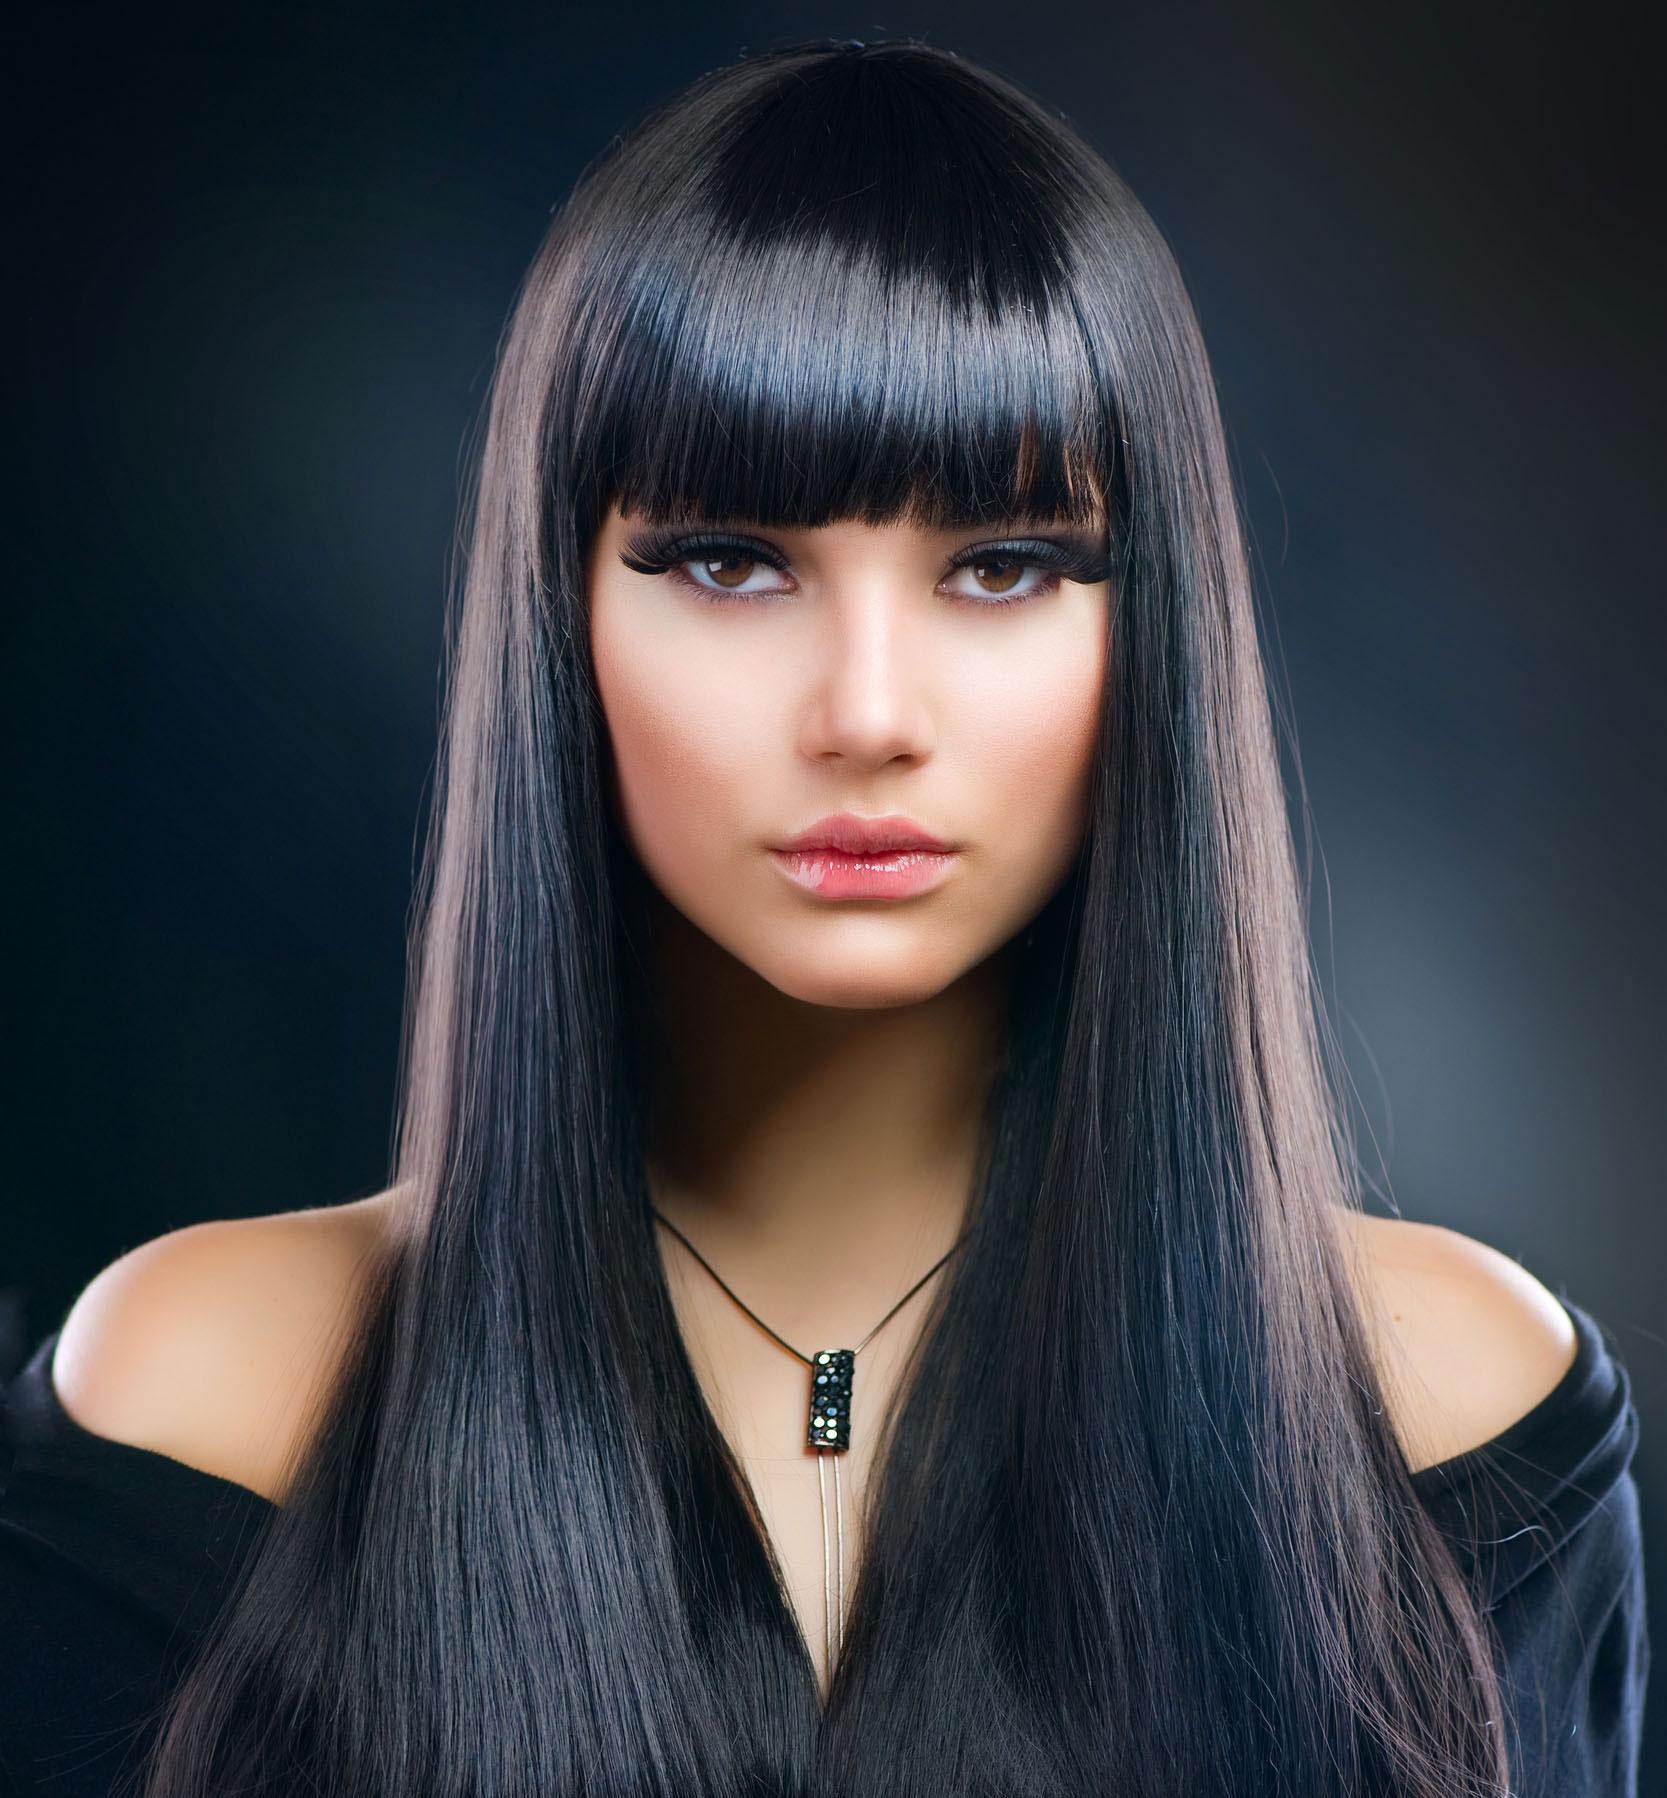 Девушка с прямыми длинными темными волосами